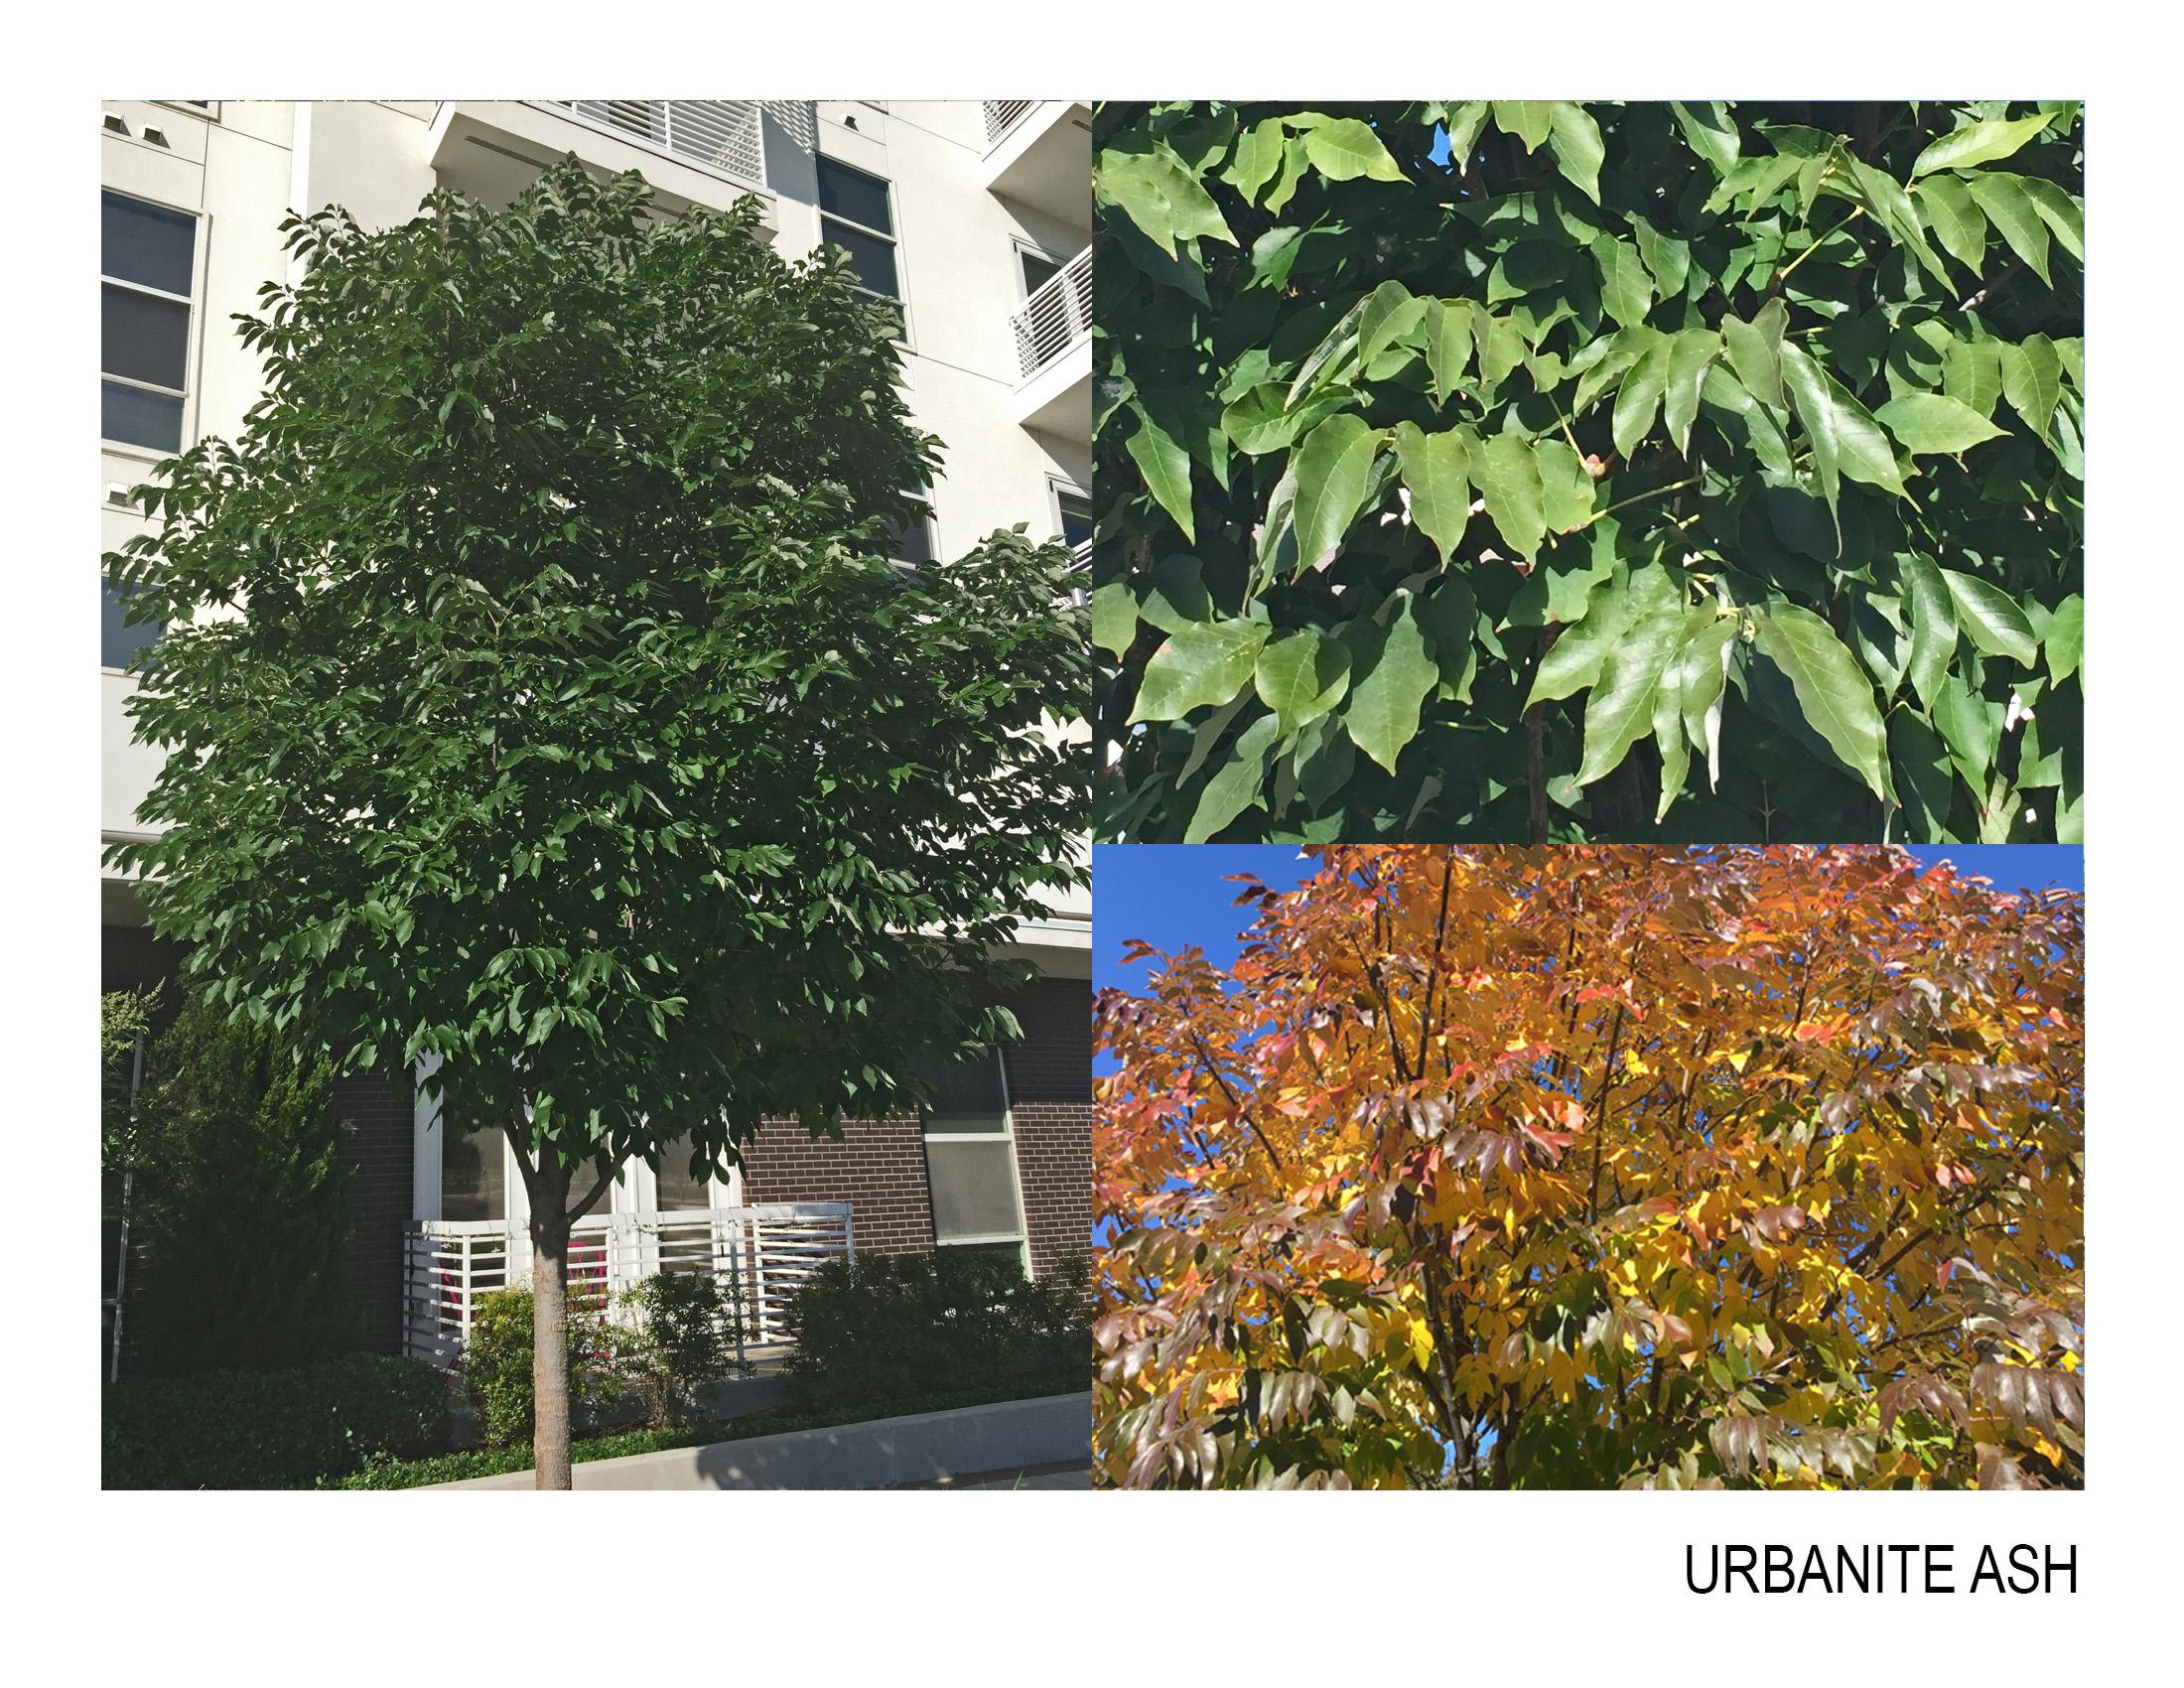 urbanite ash.jpg